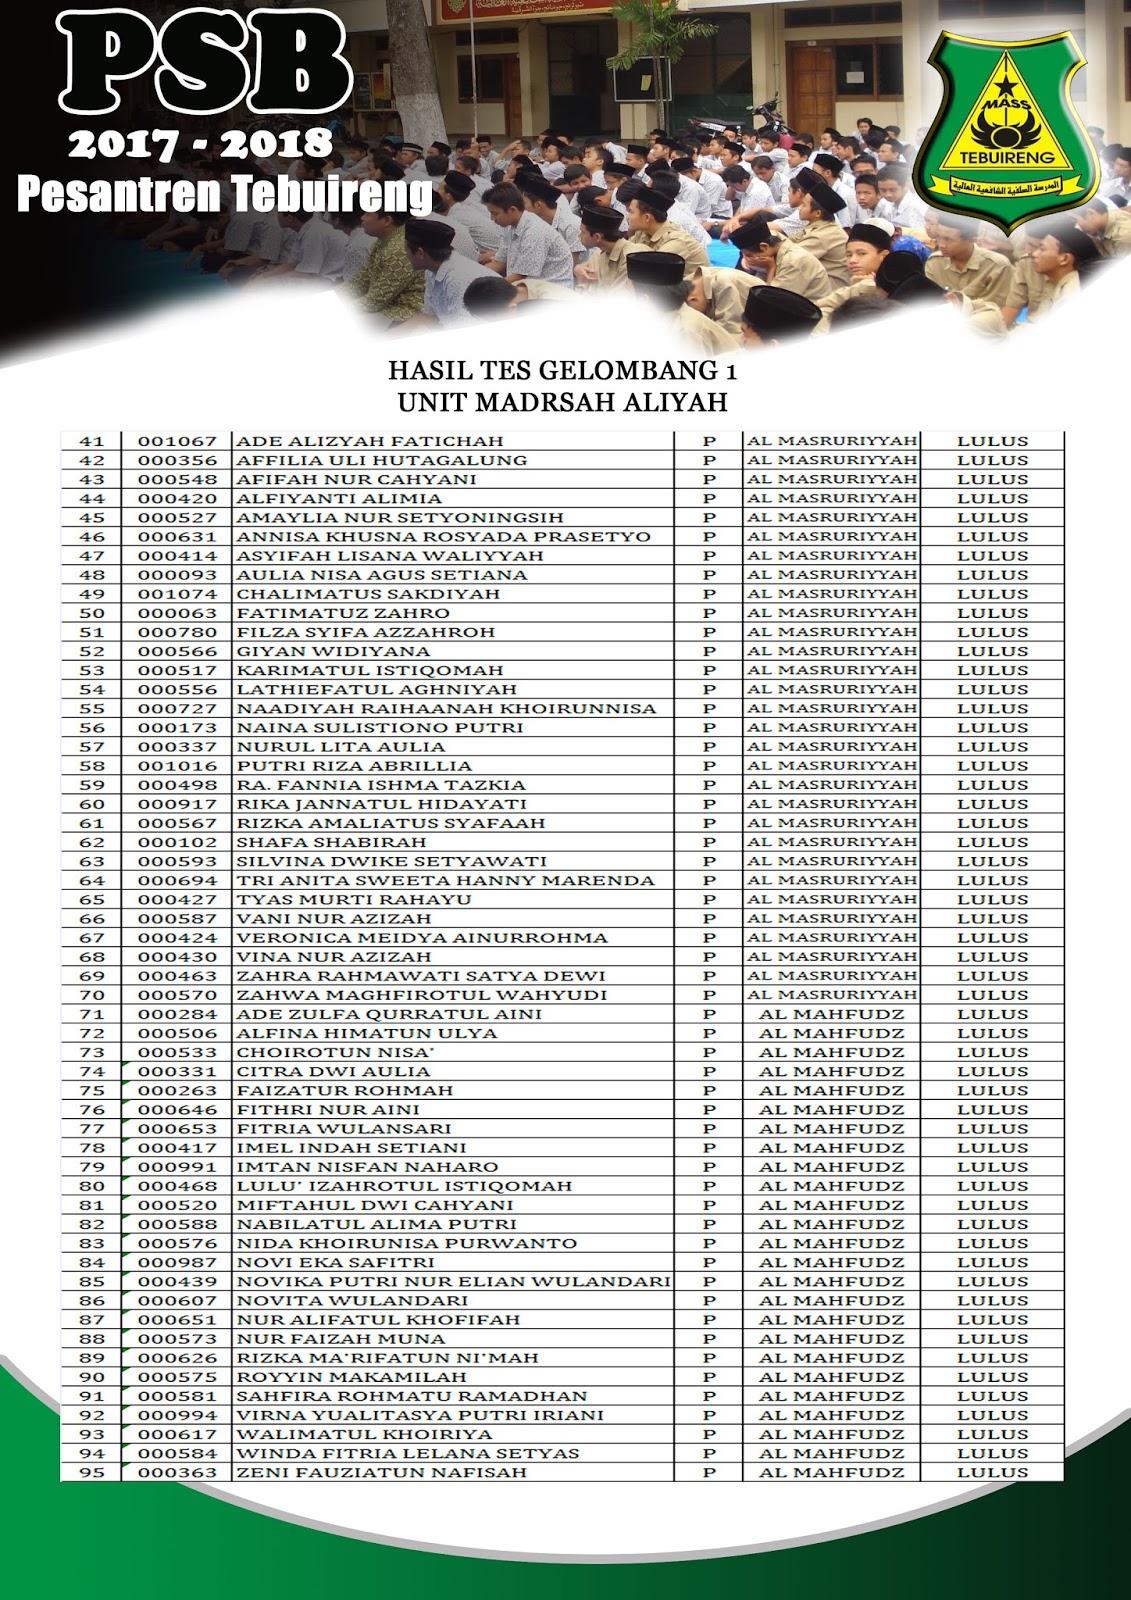 Madrasah Aliyah Putri 2